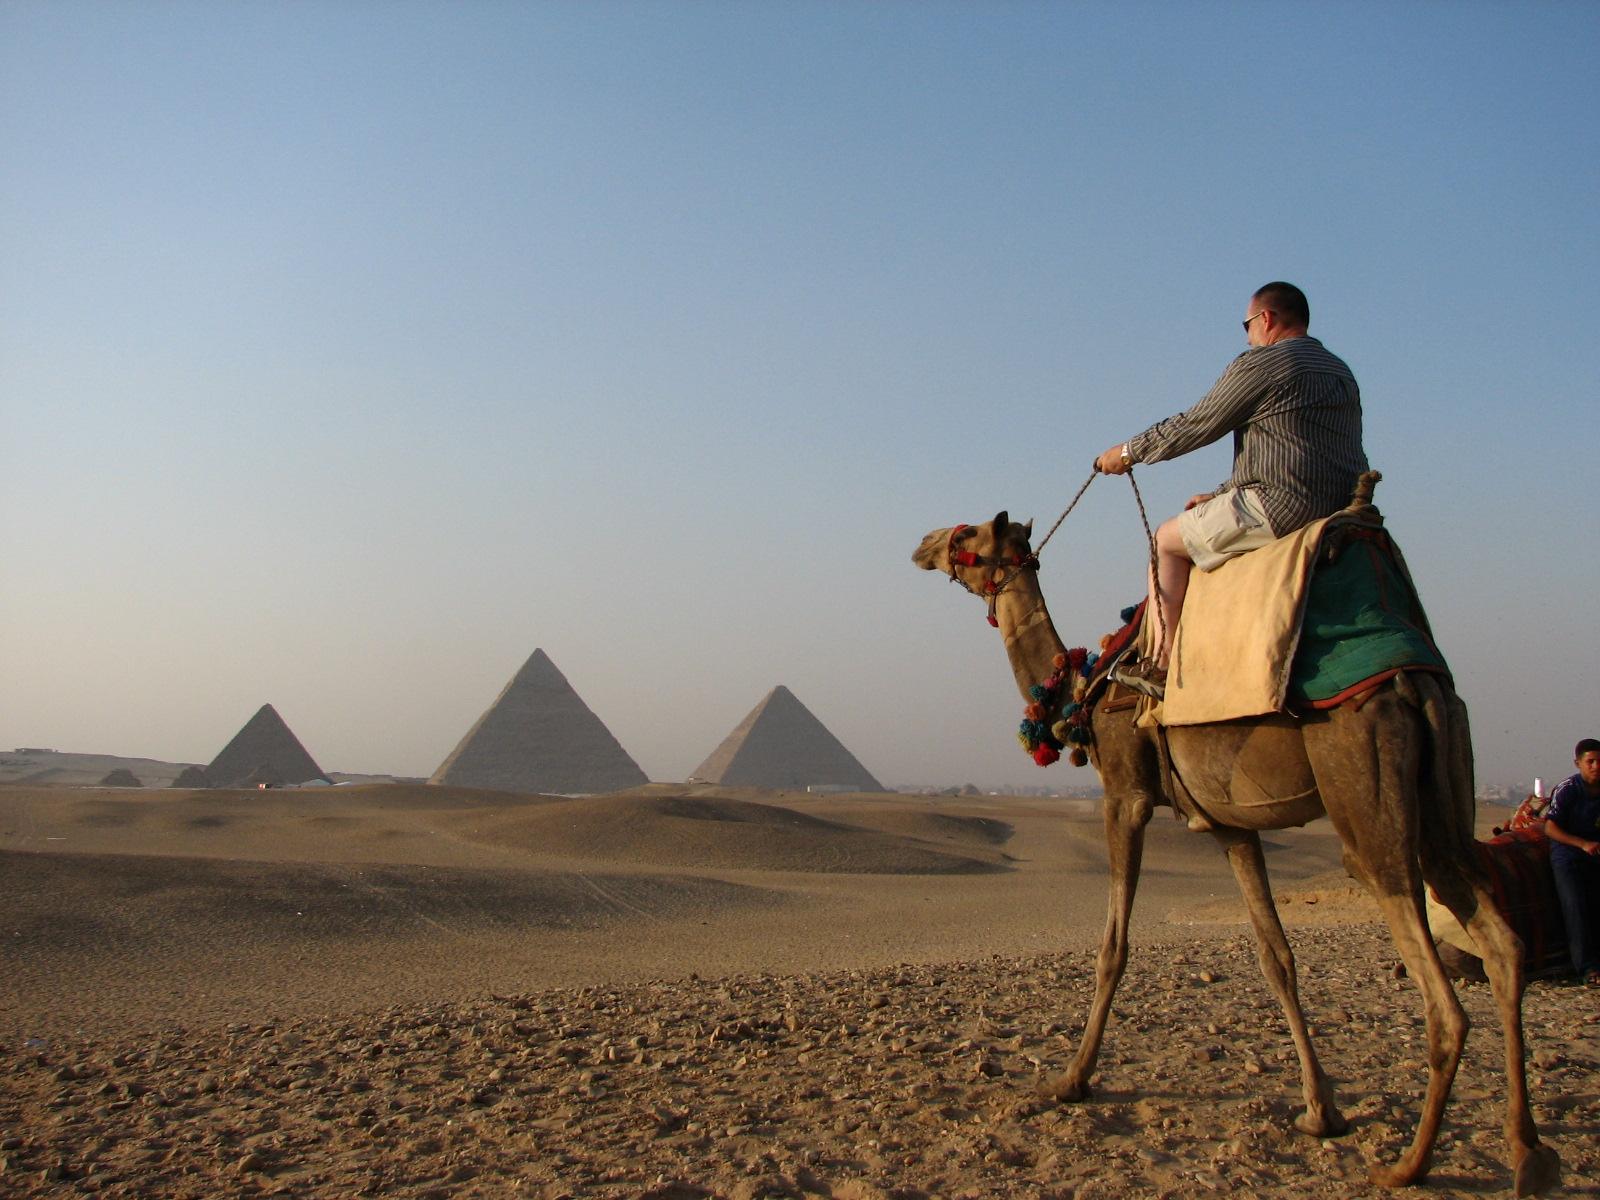 حادث الطائرة الروسية : تساؤلات حول مستقبل السياحة في مصر